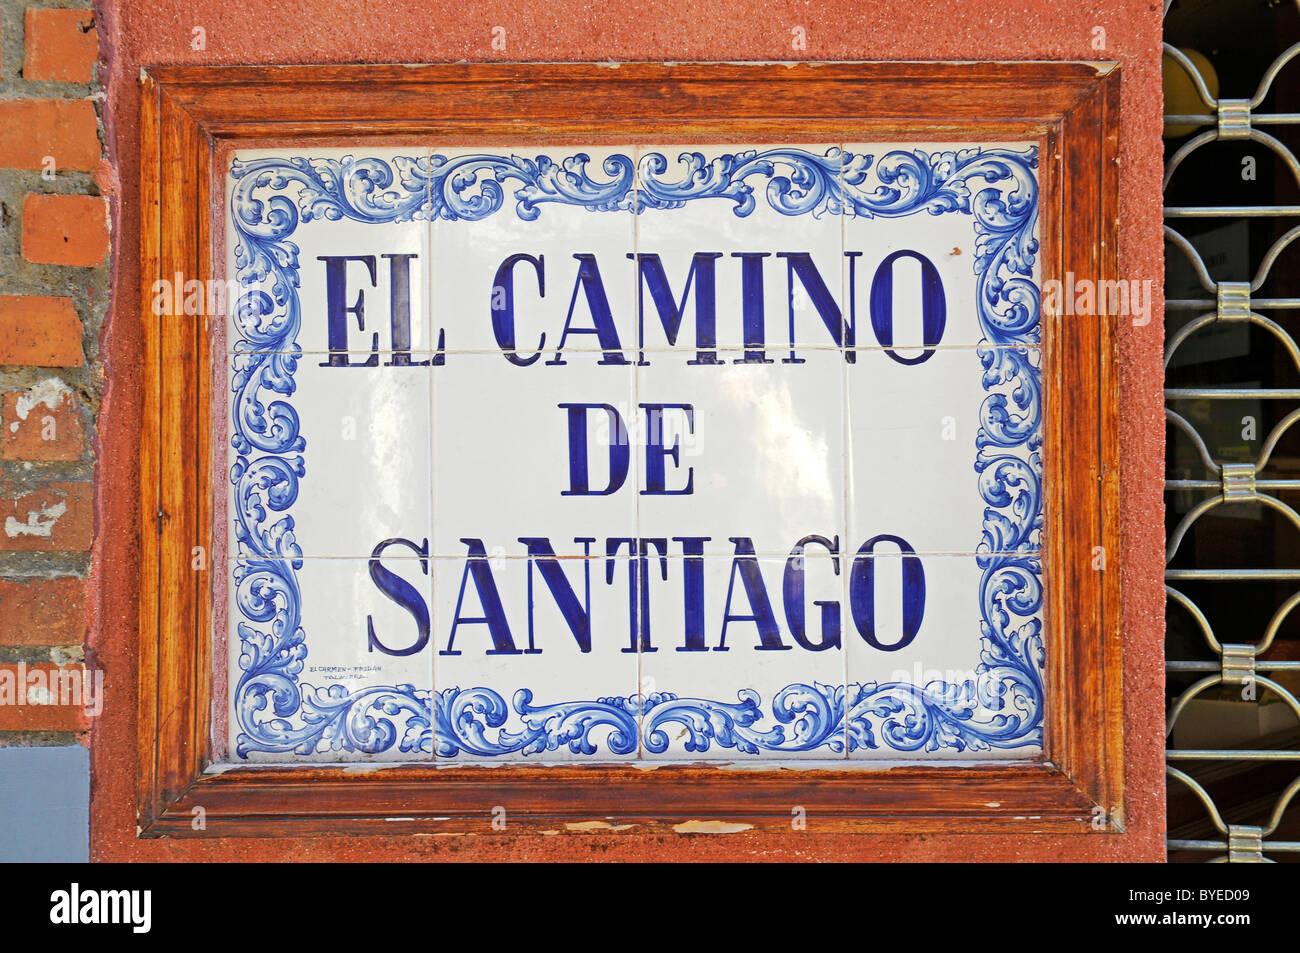 El Camino de Santiago, sign, Spanish tiles, azulejos, Leon, province of Castilla y Leon, Castile and León, - Stock Image